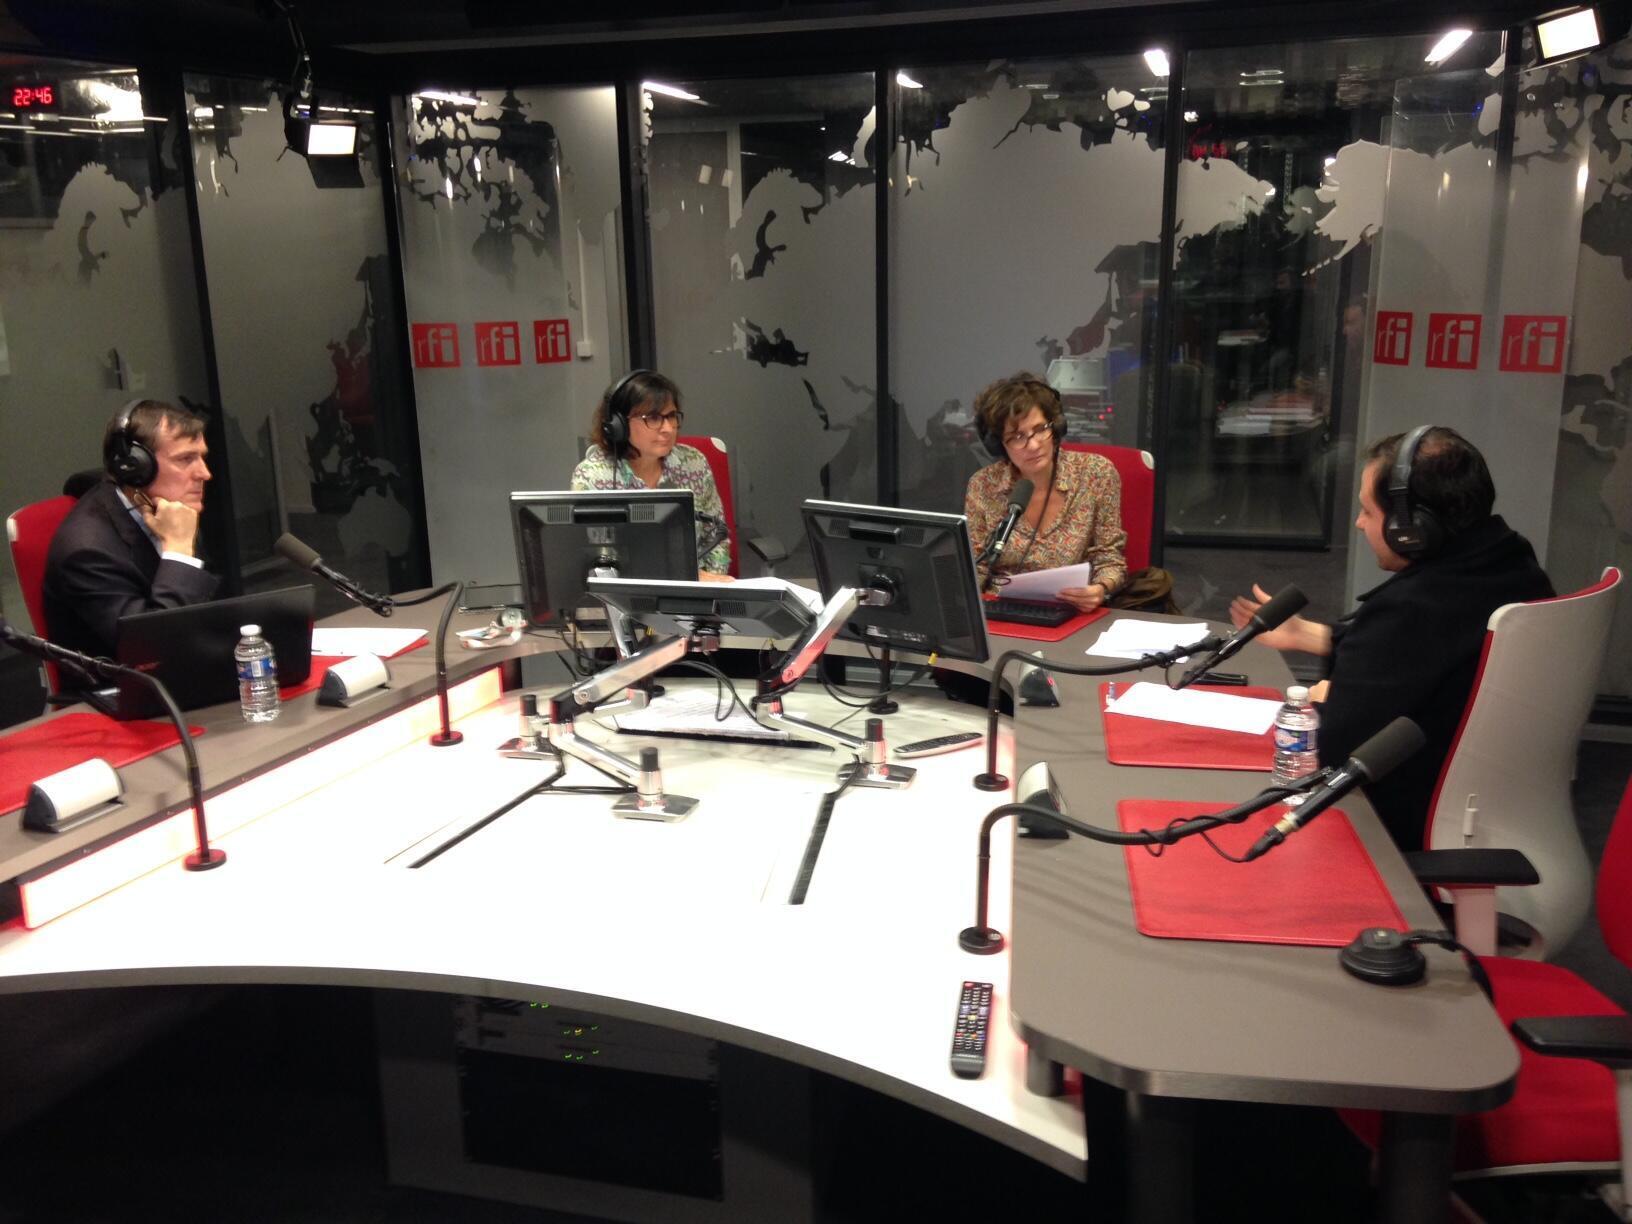 Os cientistas políticos Gaspard Estrada (d) e Stéphane Monclaire (e) foram recebidos pelas jornalistas Maria Emília Alencar (d) e Adriana Moysés (e) nos estúdios da RFI.